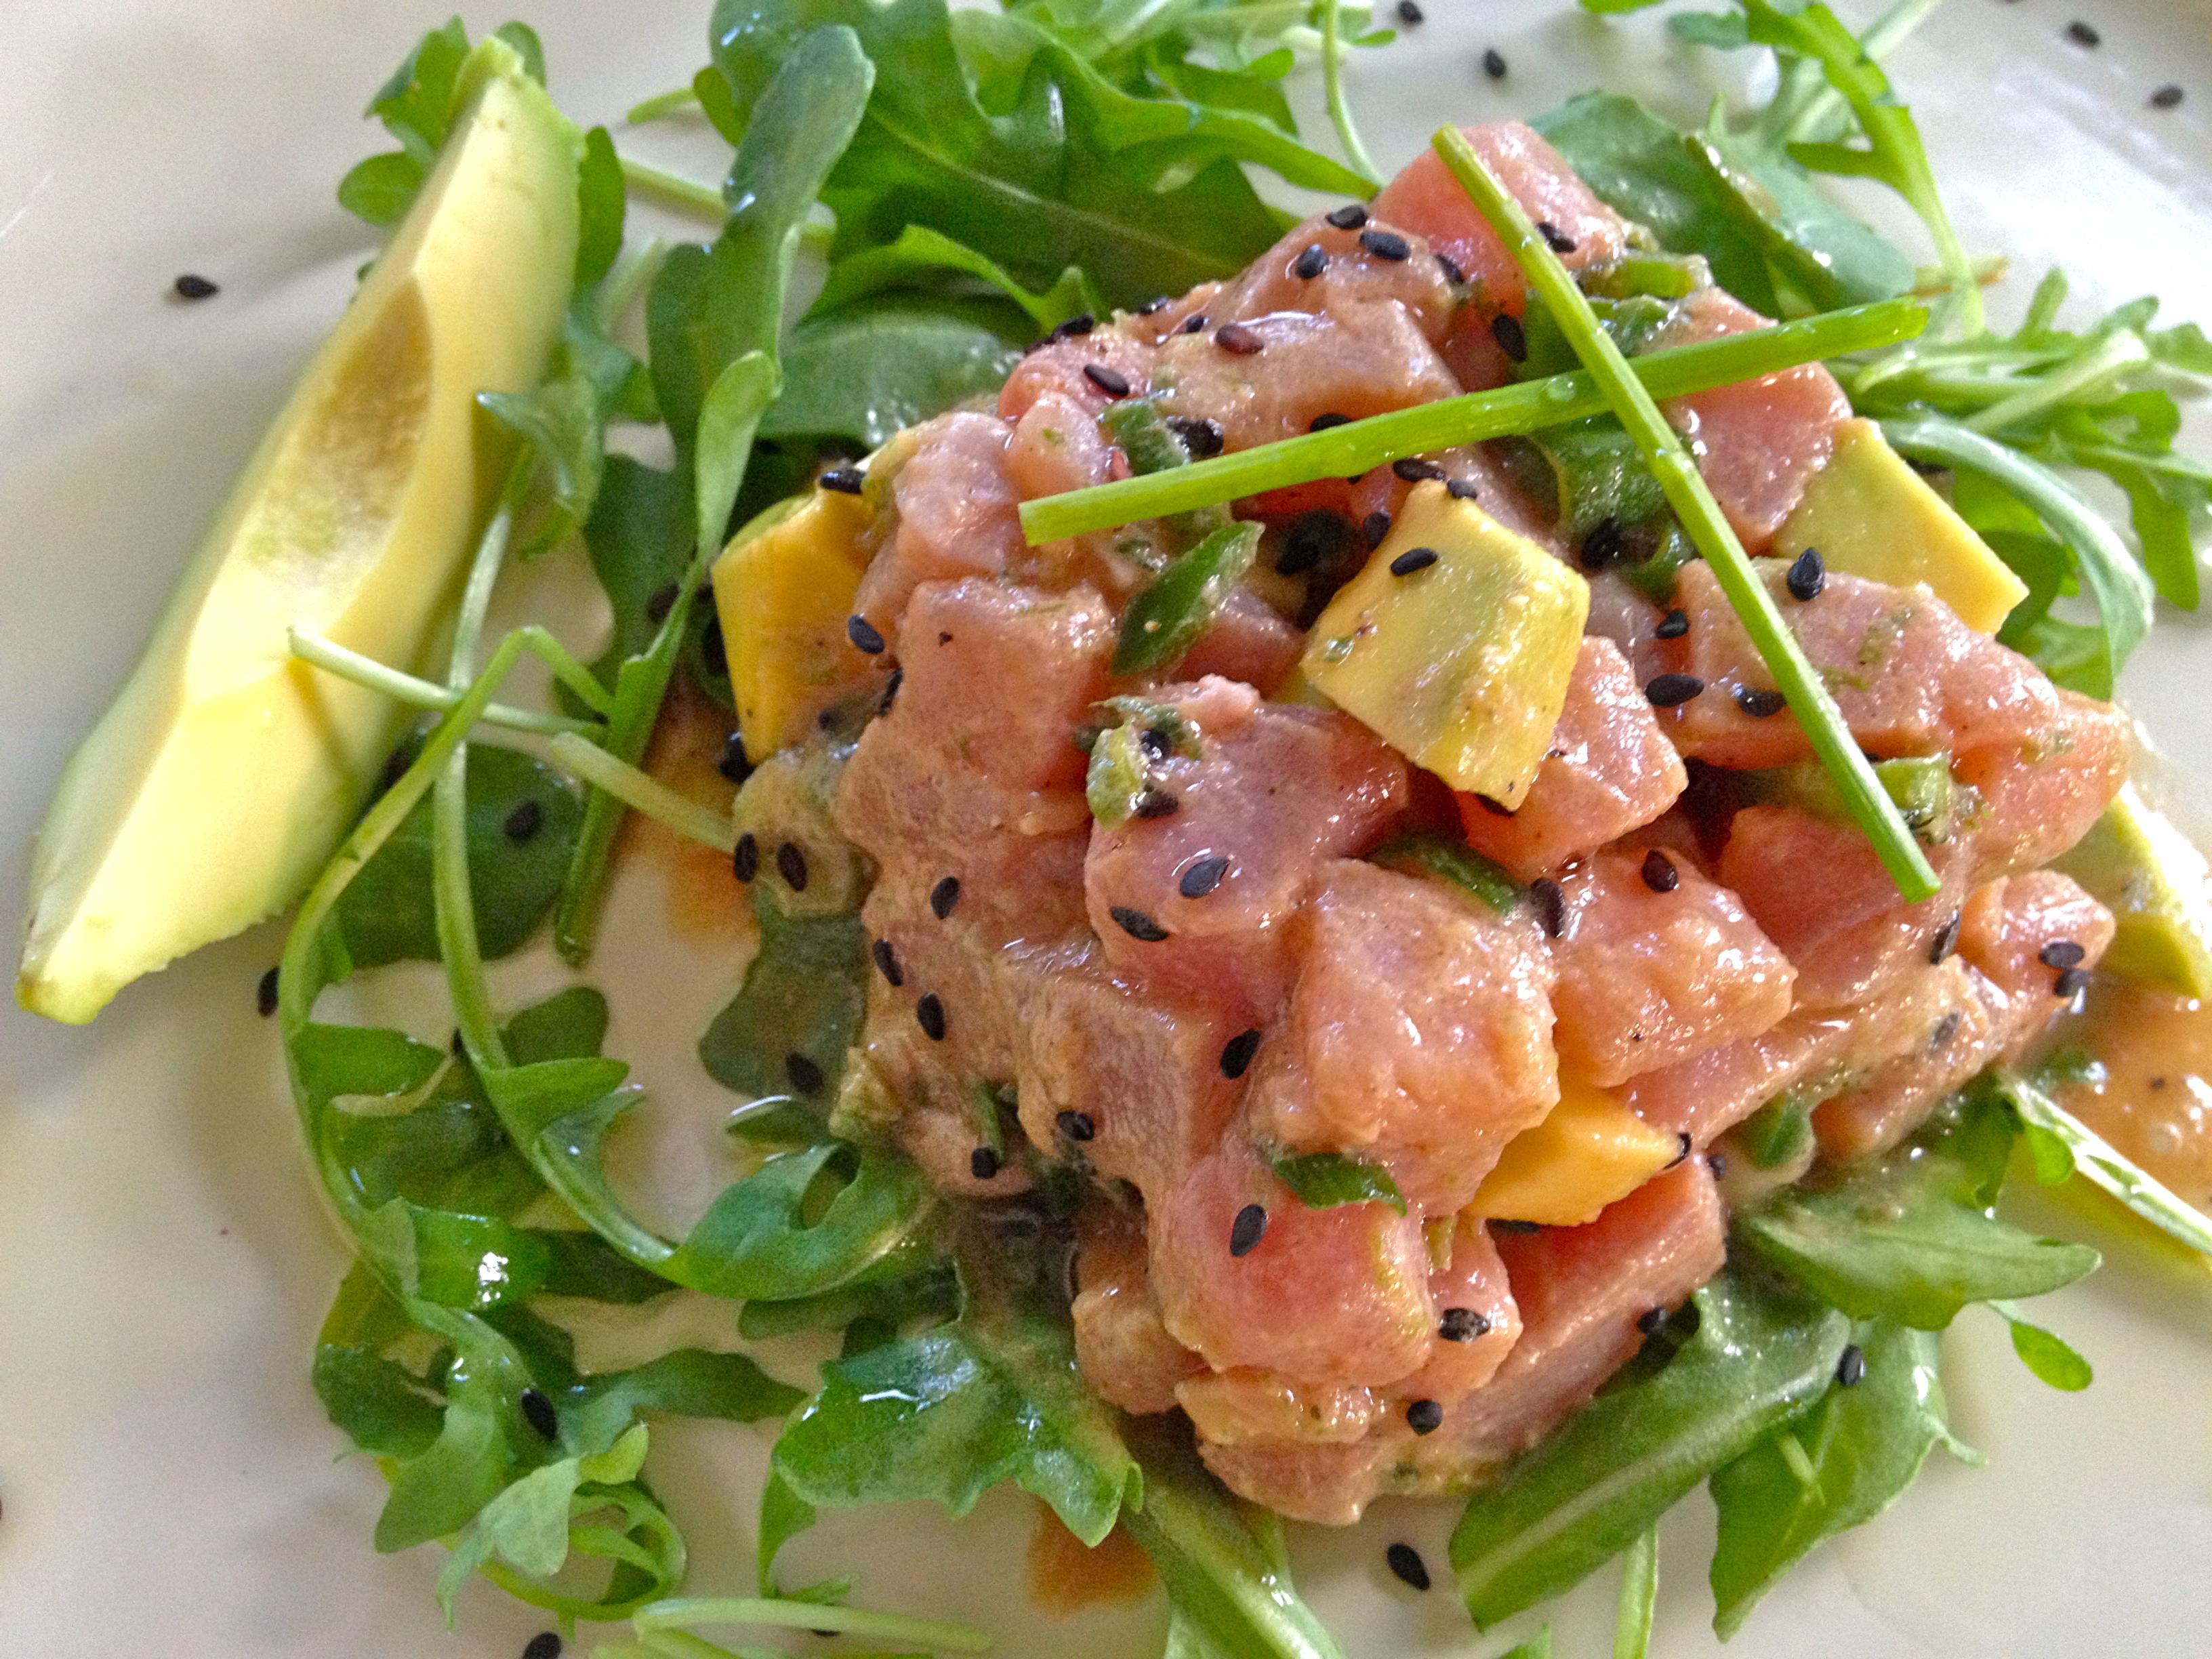 Social Chef Seafood Sampler - The Social Chef